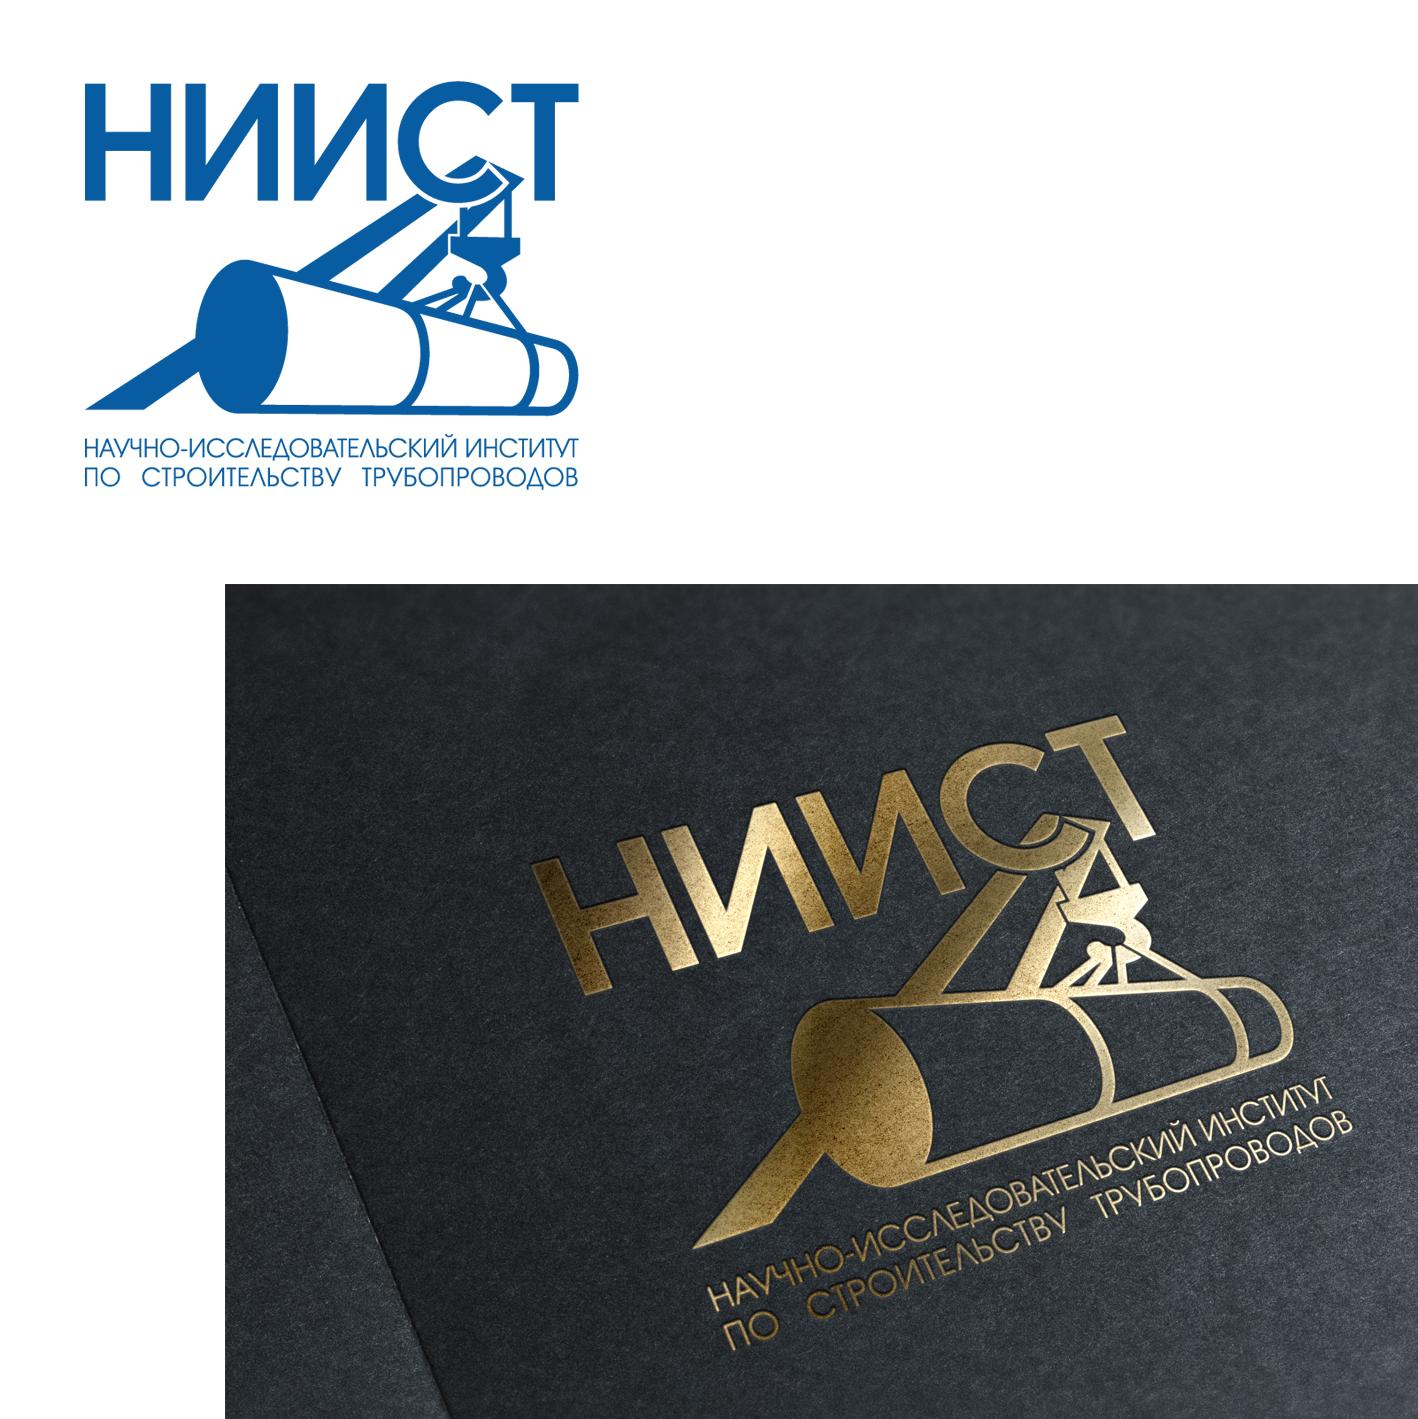 Разработка логотипа фото f_4715ba190d9ce74e.png